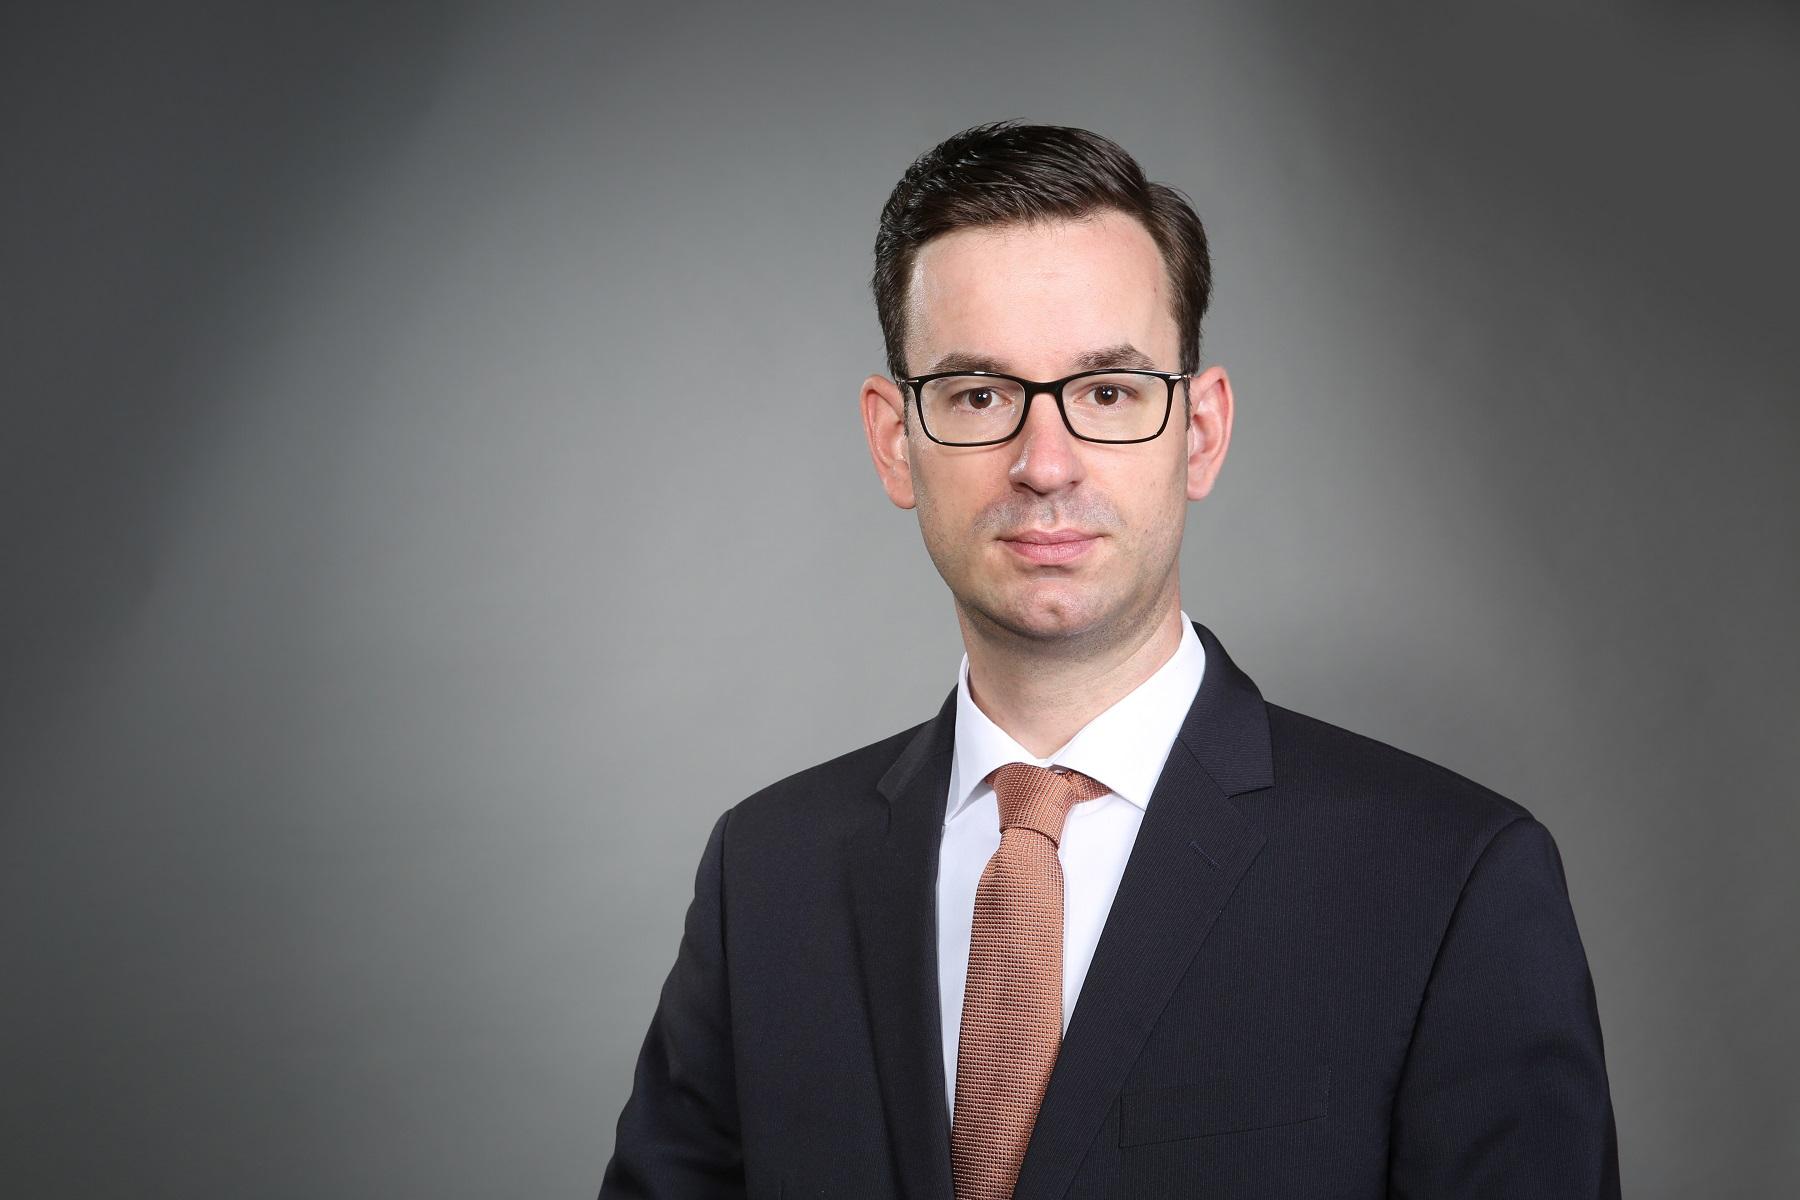 Rechtsanwalt Guillaume Koschella